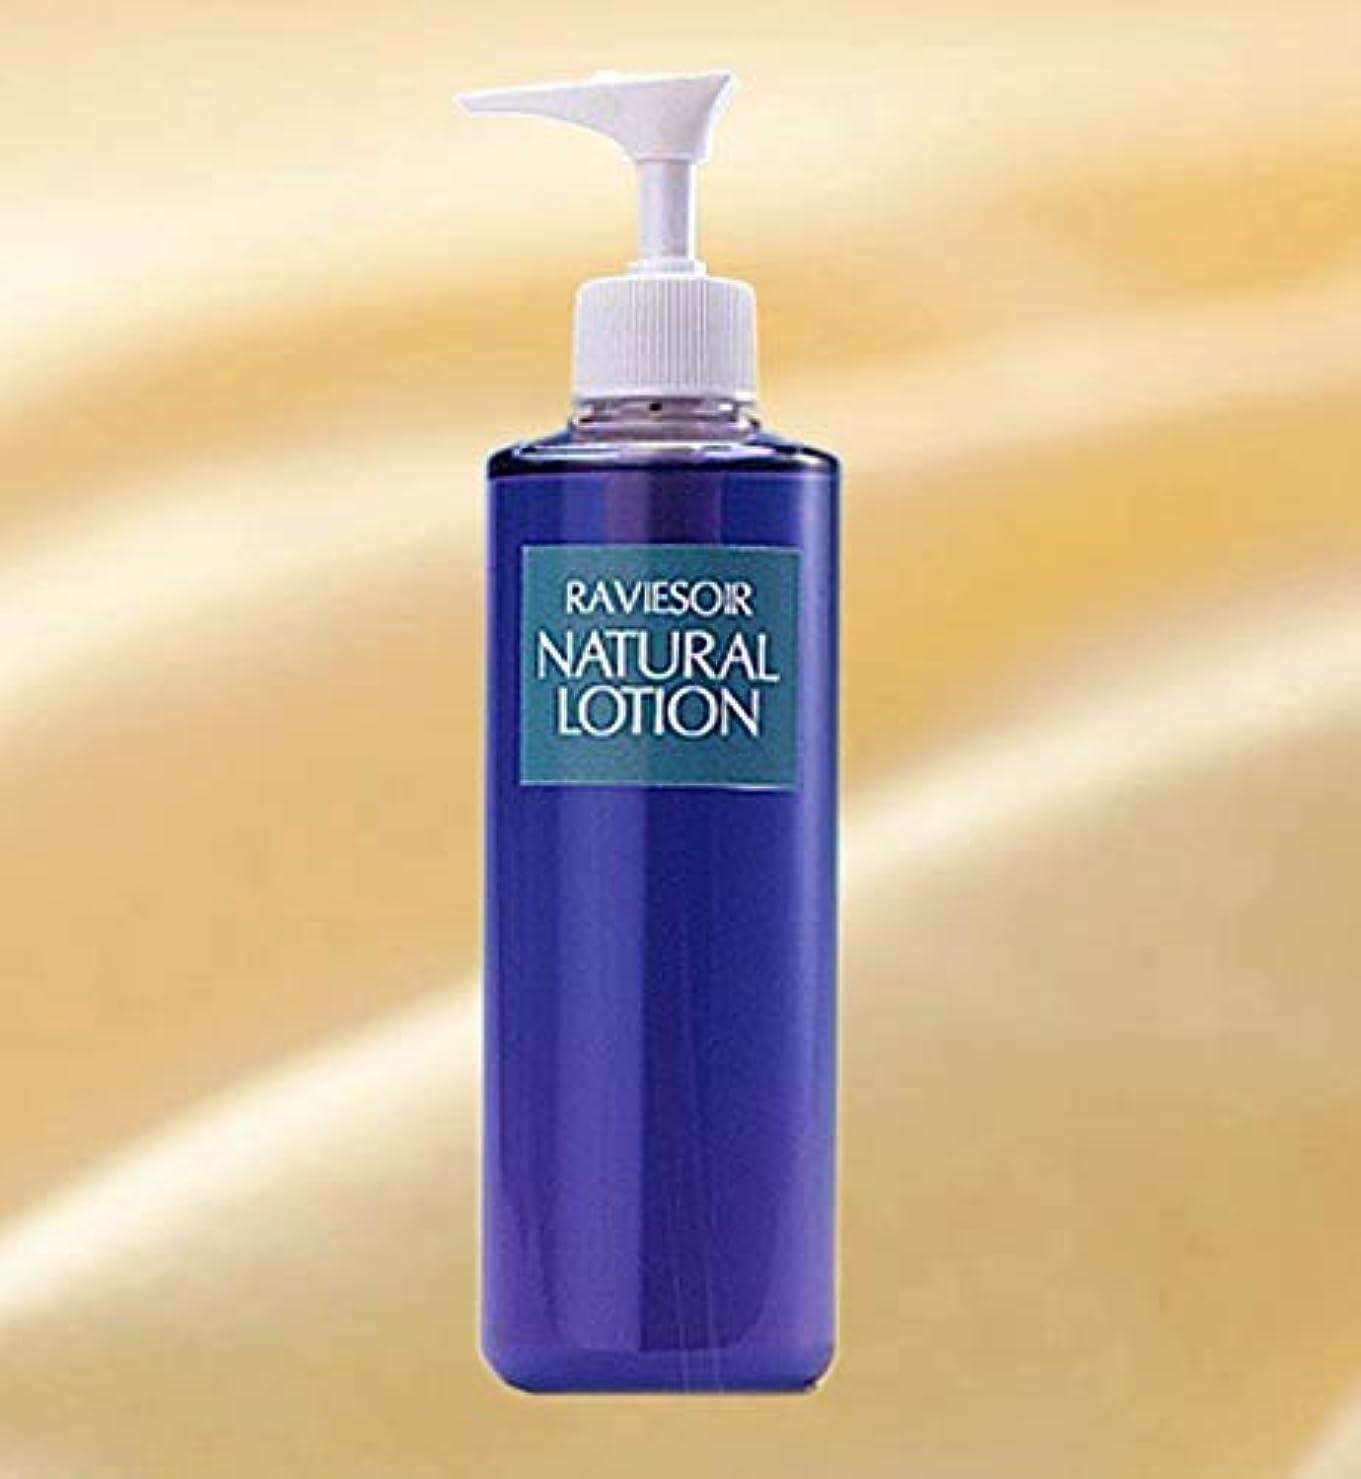 かみそりドラゴンお酢ラヴィソワール ナチュラルローション(250ml)Raviesoir Natural Lotion